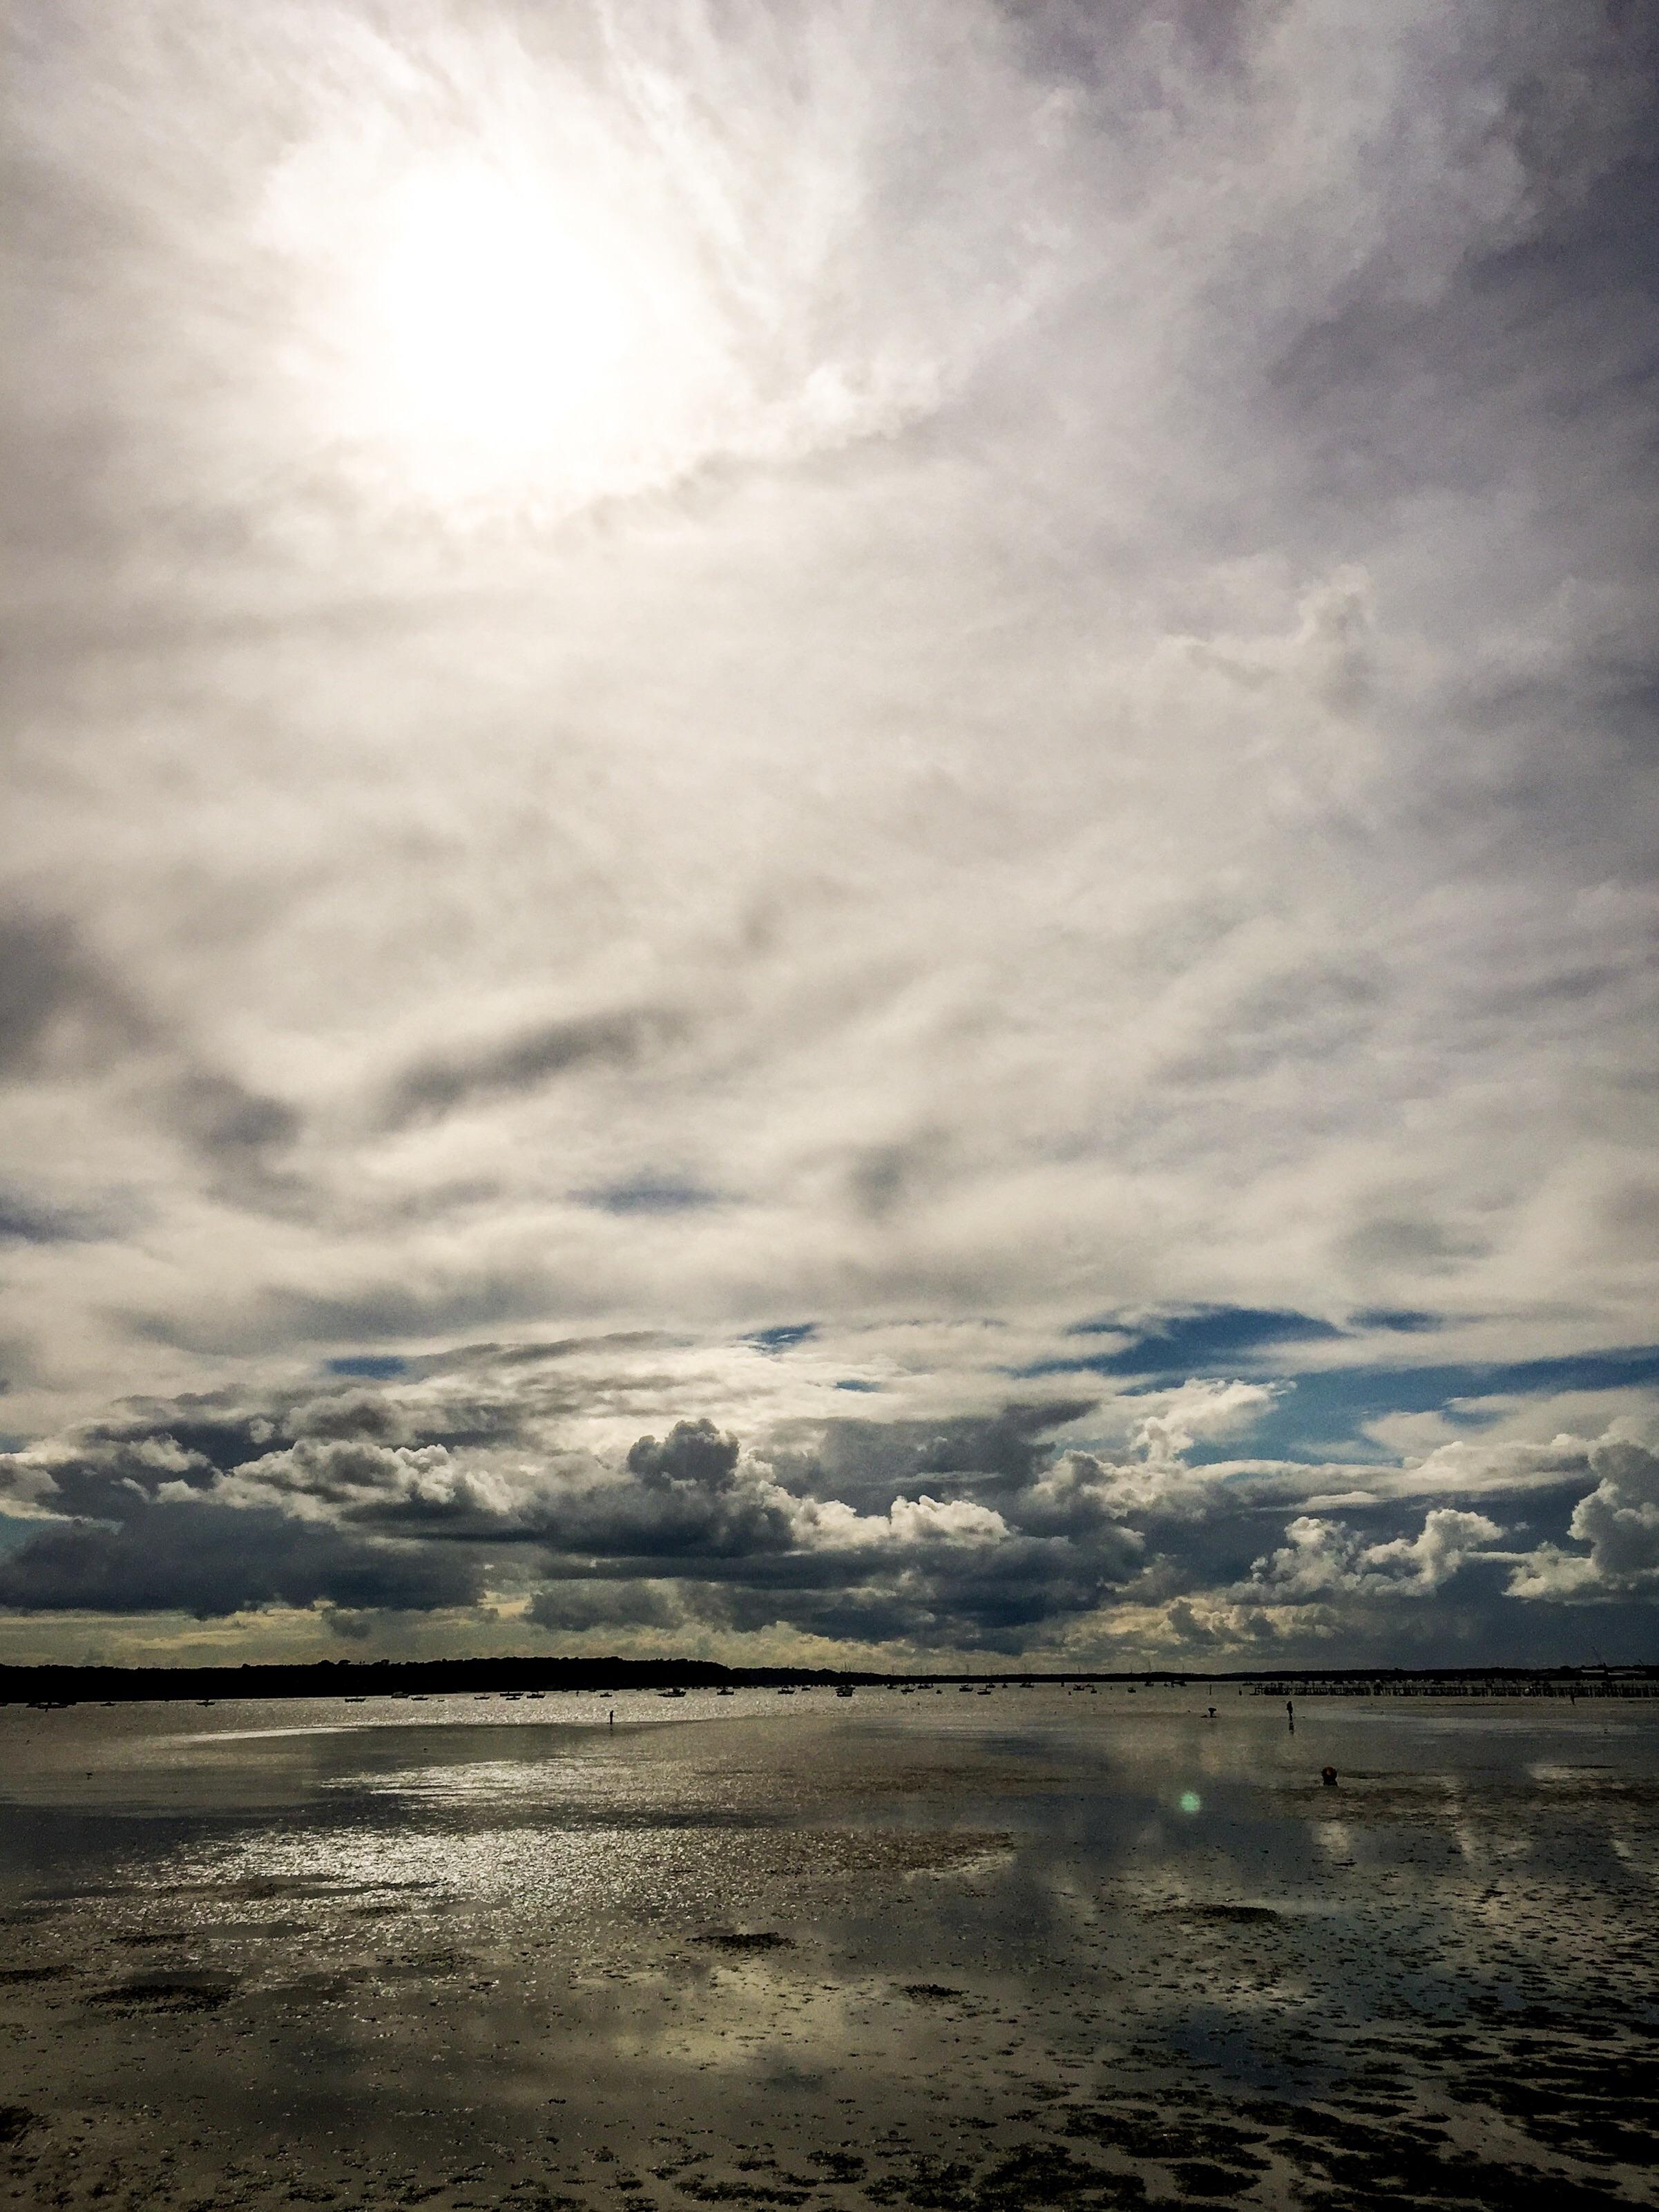 The IPhone shot of Sanbanks edited in Lightroom Mobile